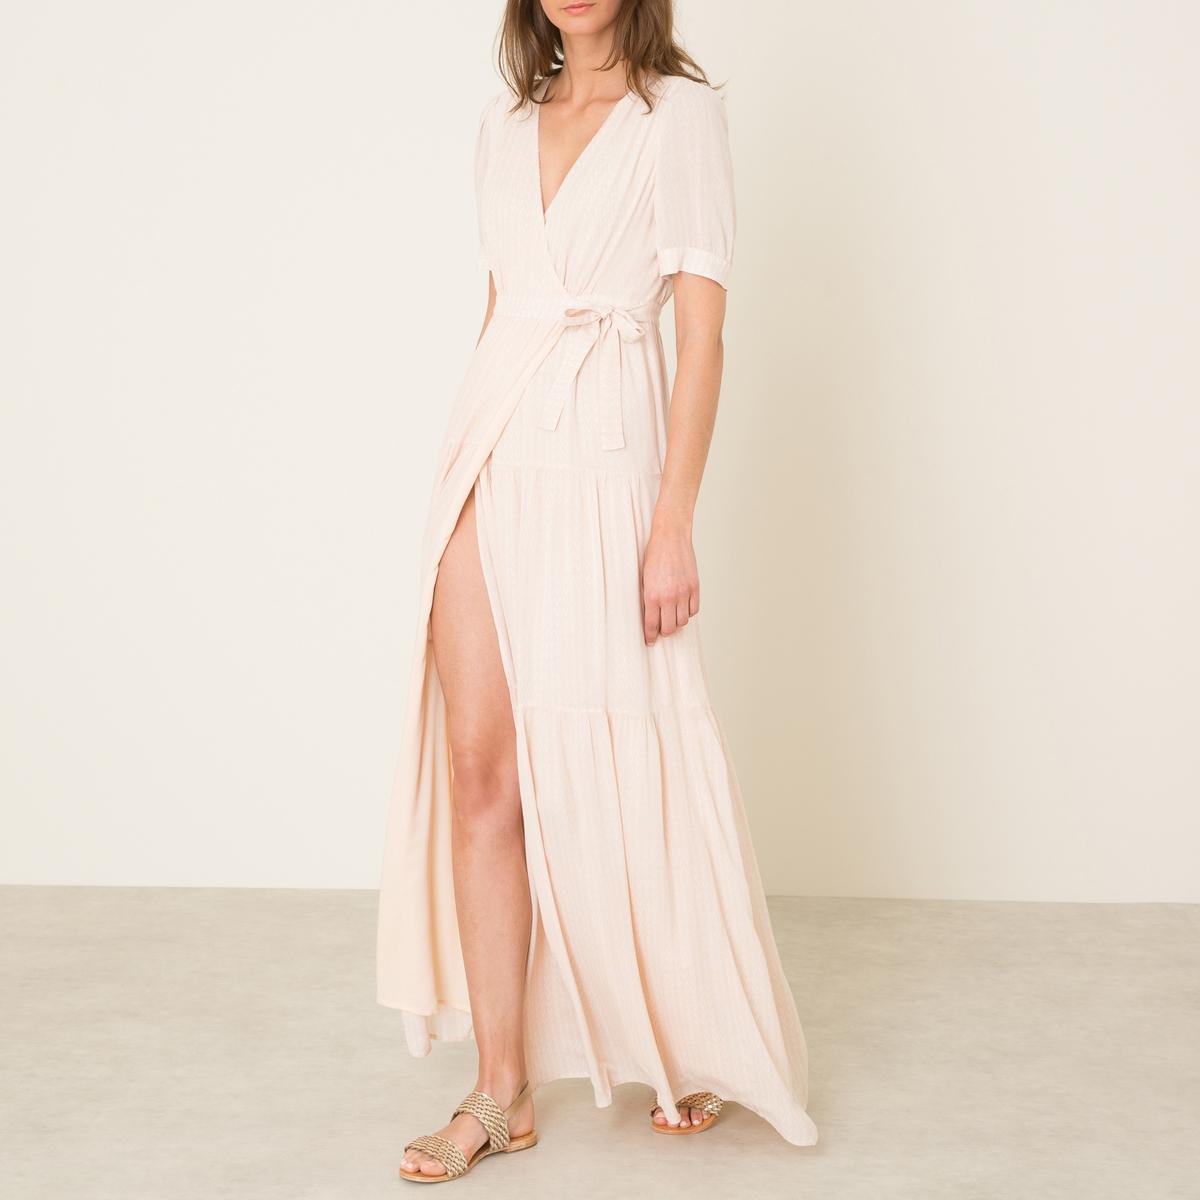 Платье URIELПлатье длинное BA&amp;SH - модель URIEL, из струящейся ткани . Покрой с нахлестом.  V-образный вырез с завязками ниже груди . Короткие рукава. Сплошной рисунок.Состав и описание    Материал : 100% волокно рами   Марка : BA&amp;SH<br><br>Цвет: телесный<br>Размер: L